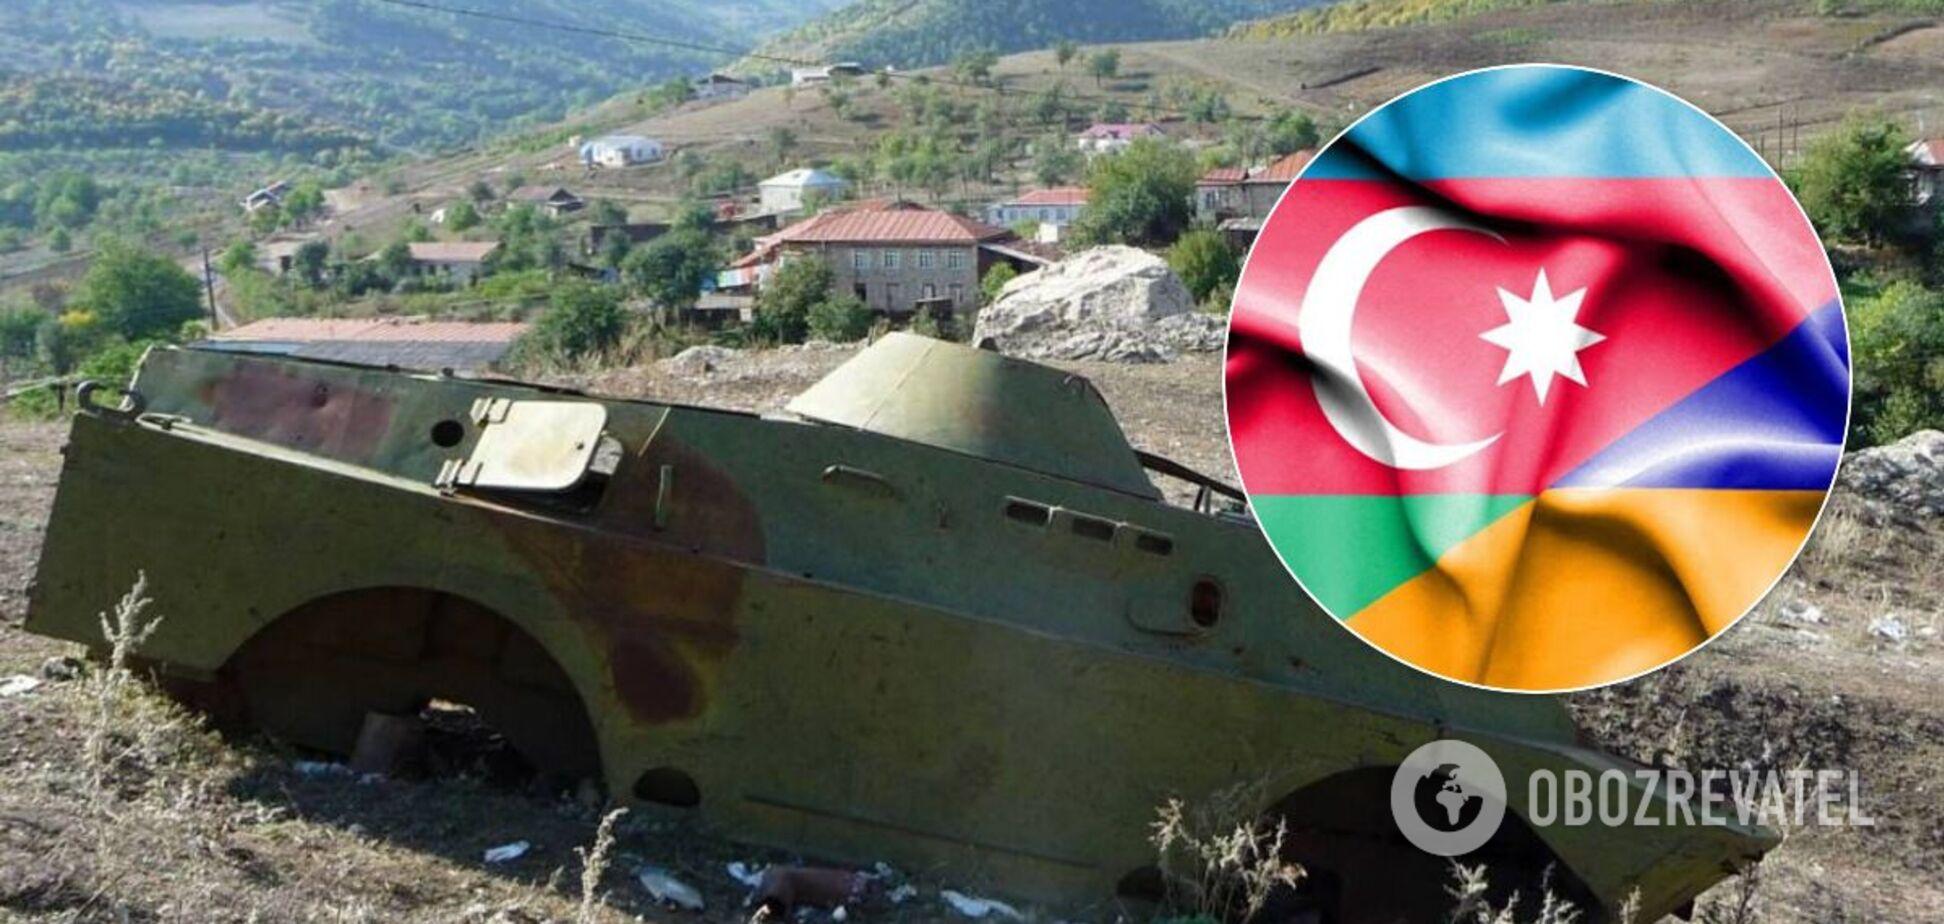 Конфликт Азербайджана и Армении